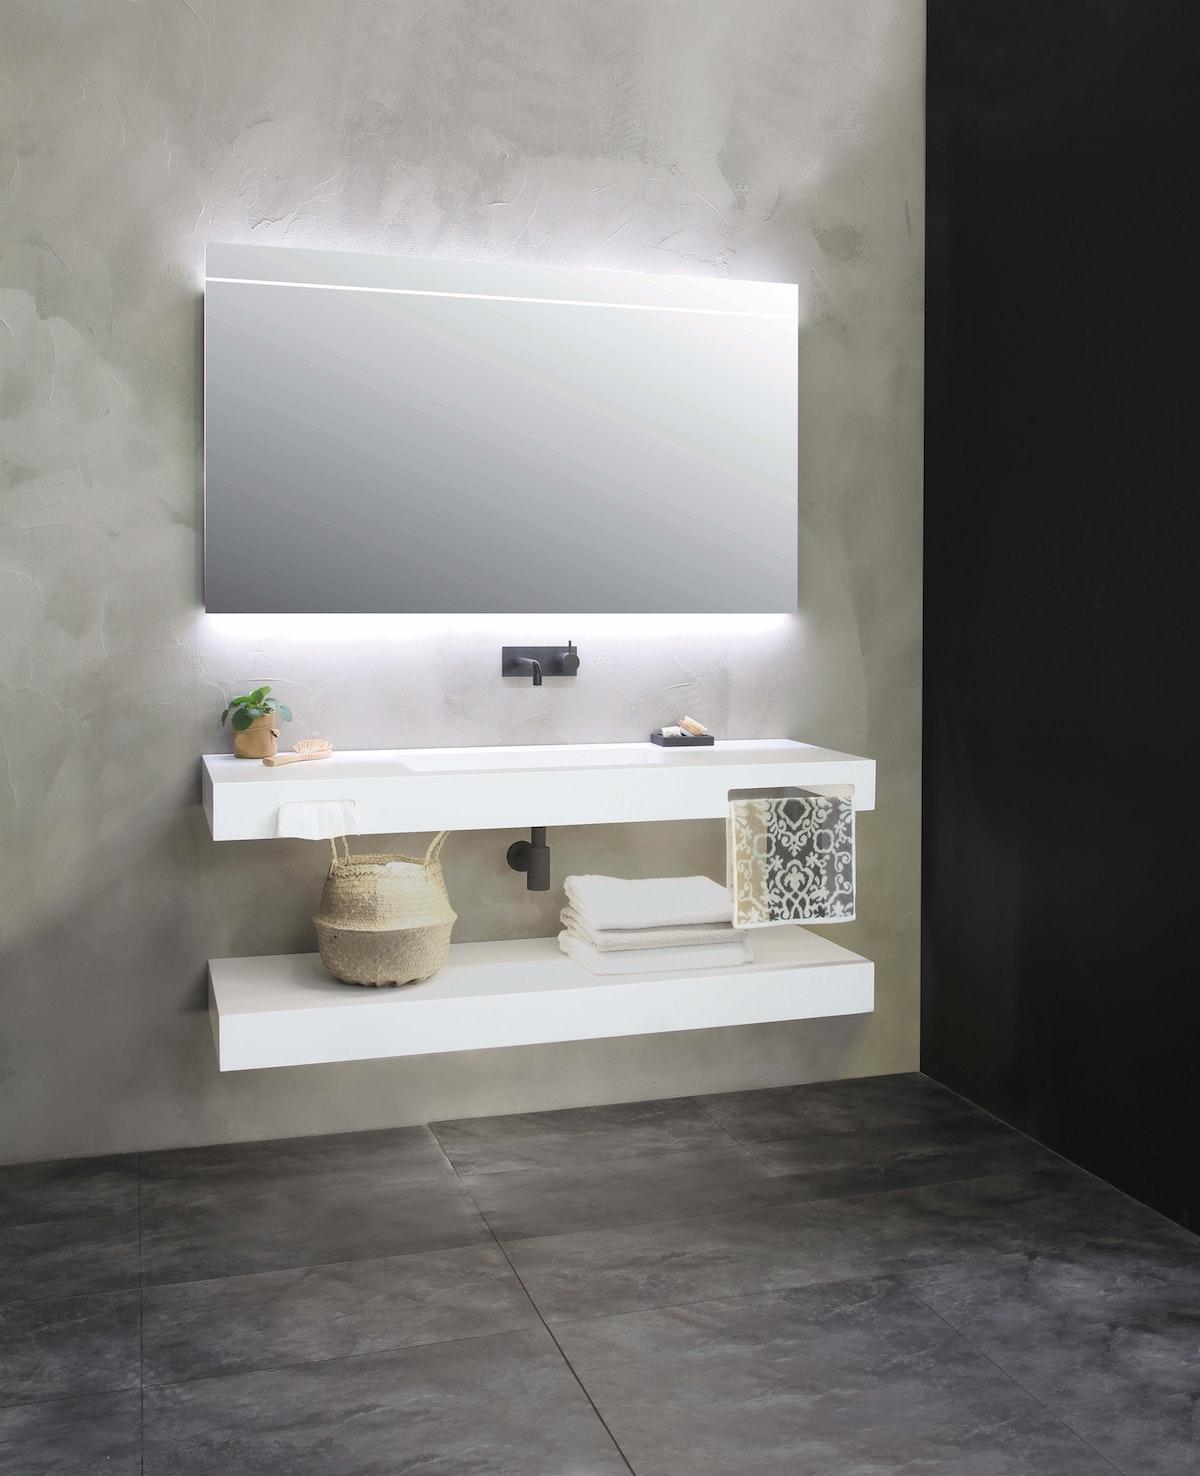 Mounted Bathroom Counter with Shelf